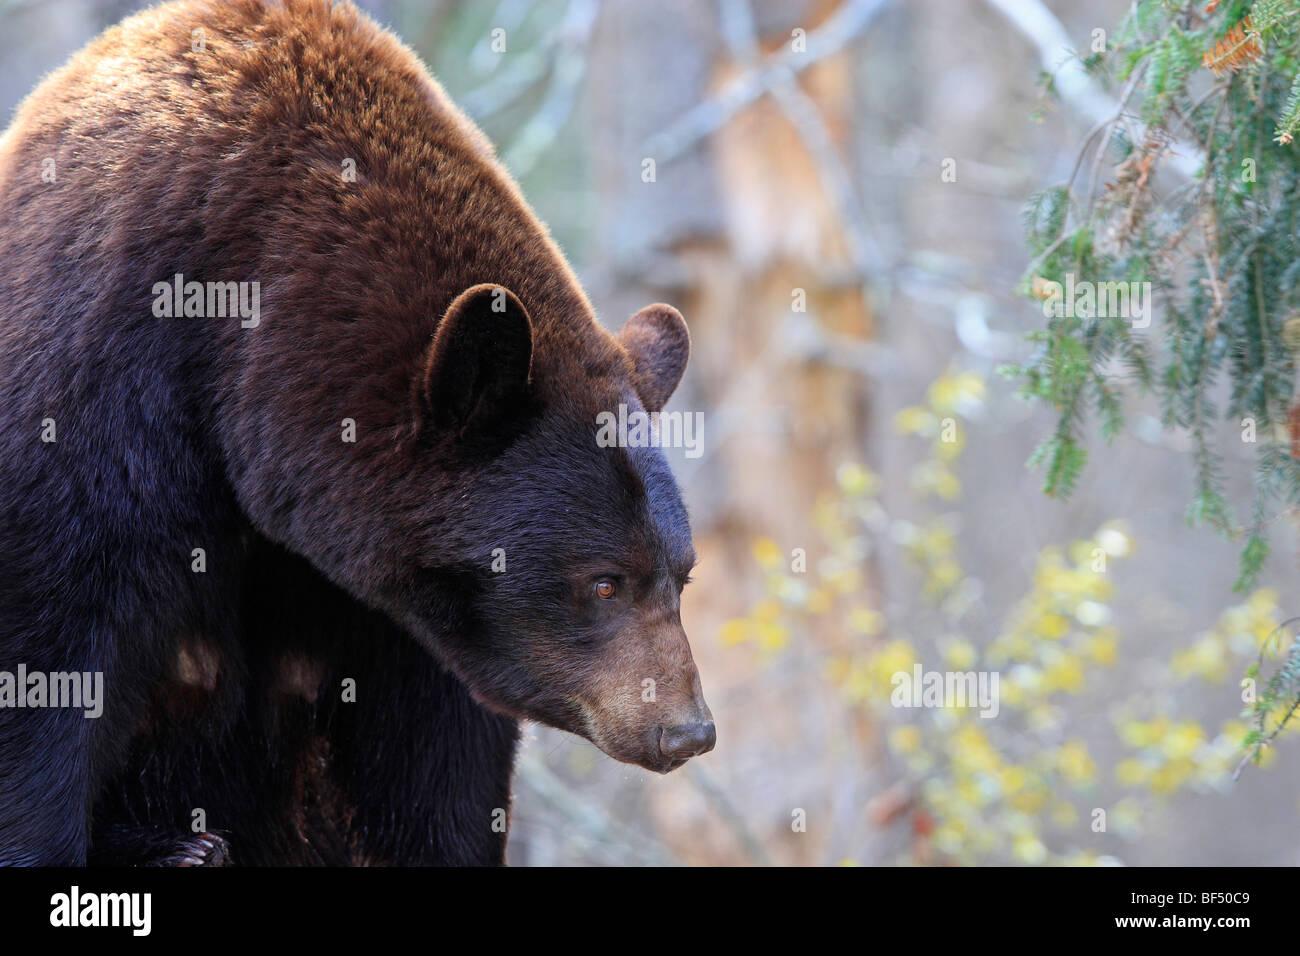 Ours noir (Ursus americanus). Cinnamon Bear adultes en forêt. Photo Stock